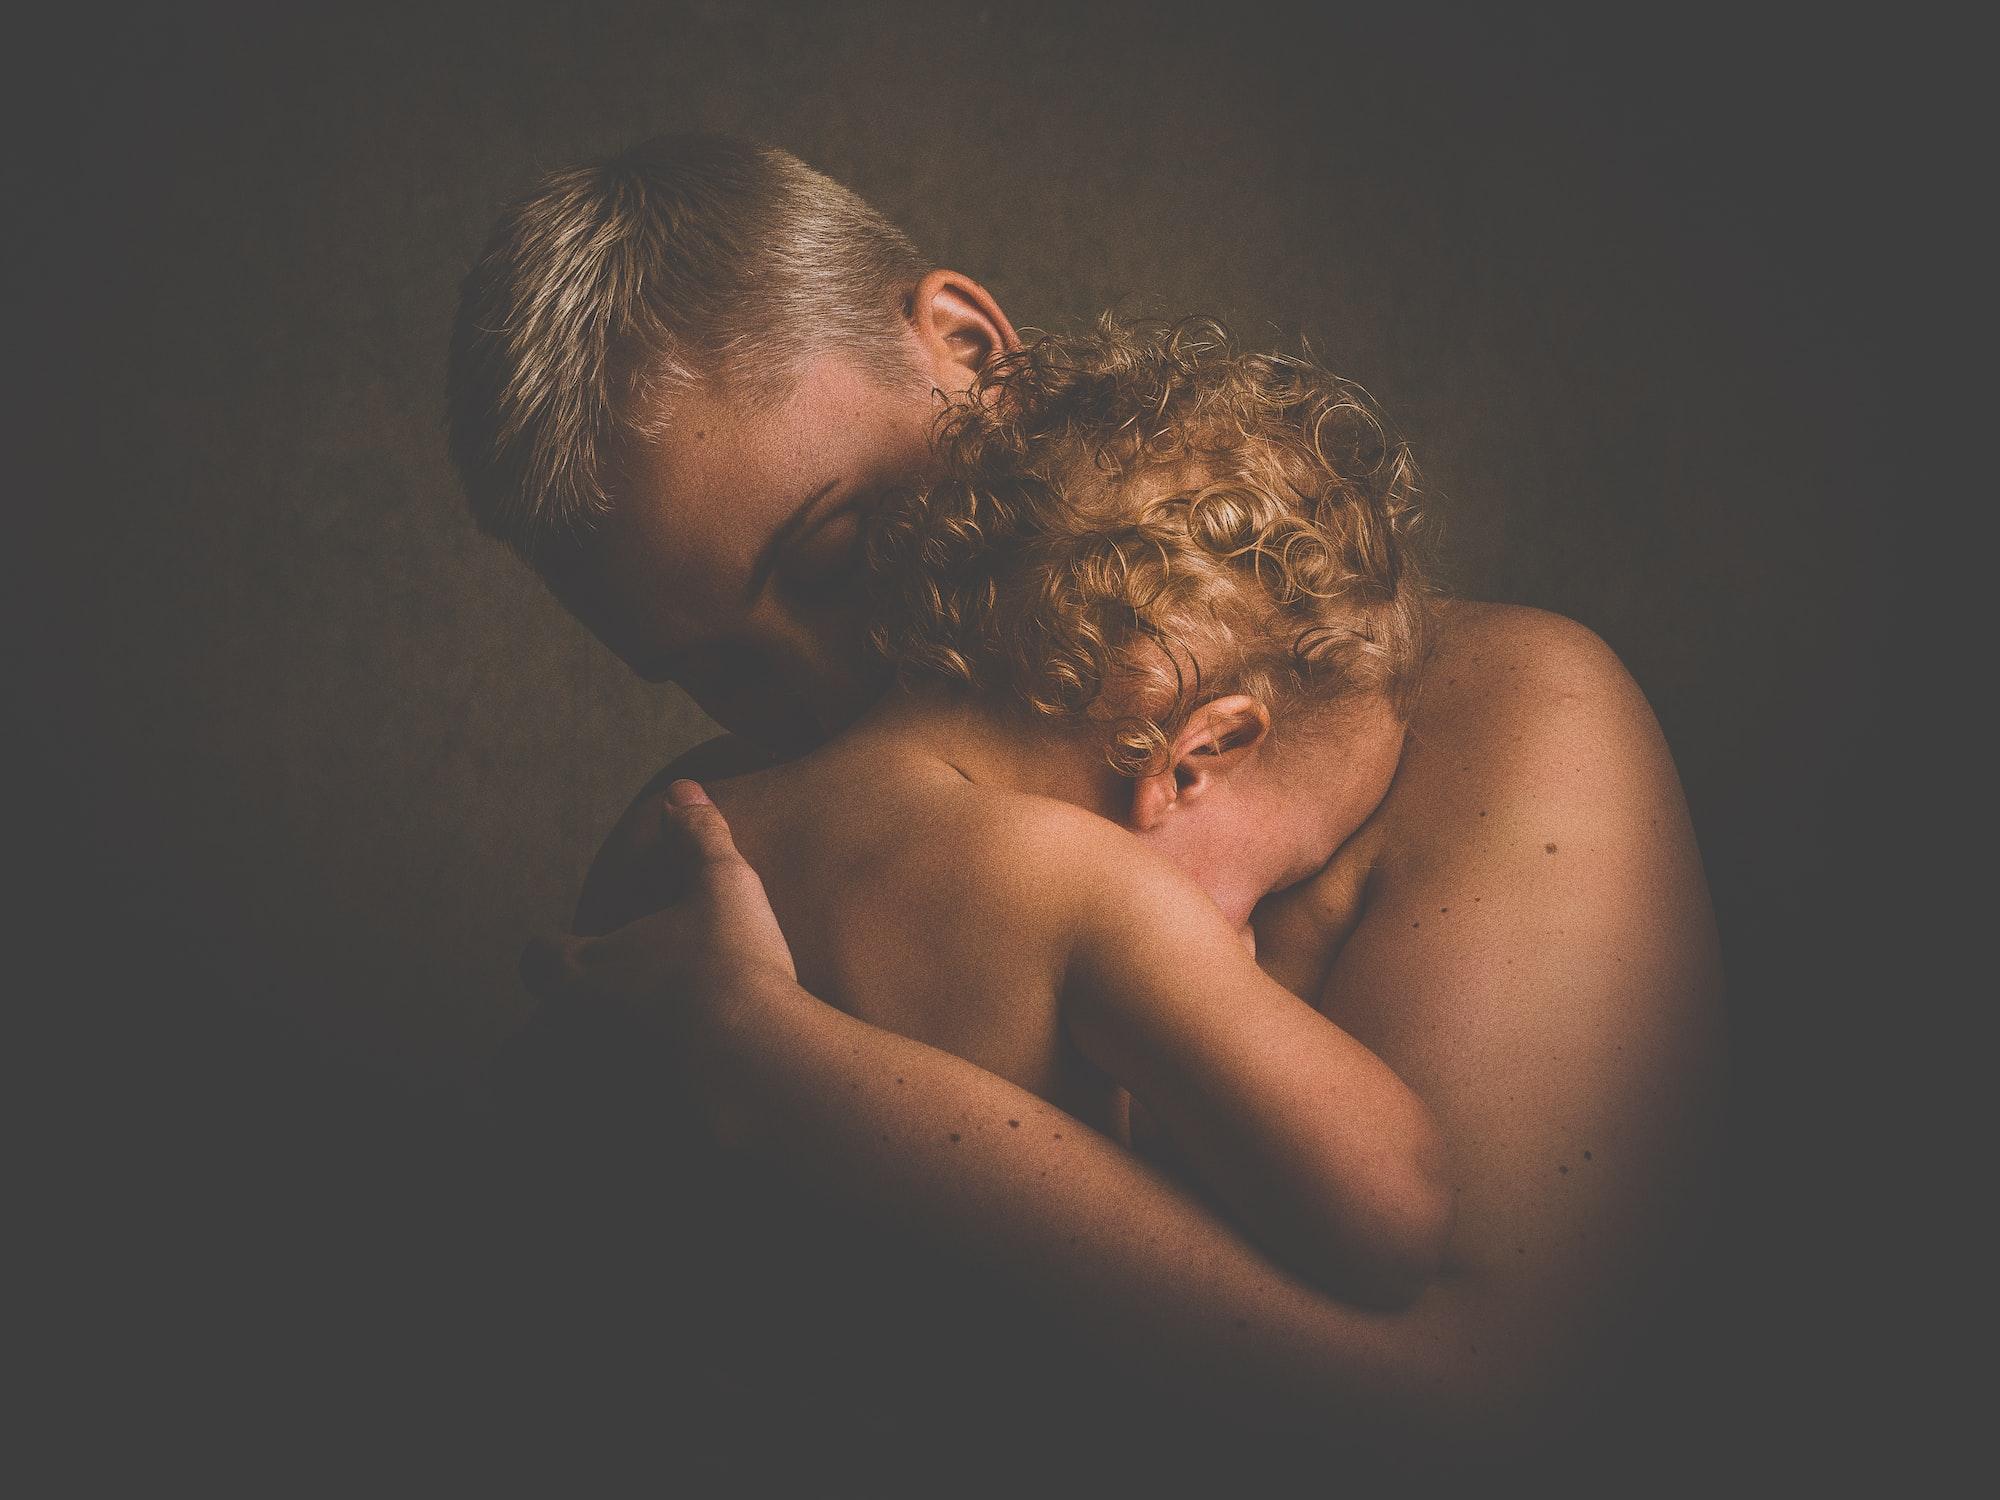 Die starken Gefühle meines Kindes machen mich fertig! - Wie du sowohl dein Kind, als auch dich selbst in der Wut, Trauer und Frustration deines Kindes halten kannst